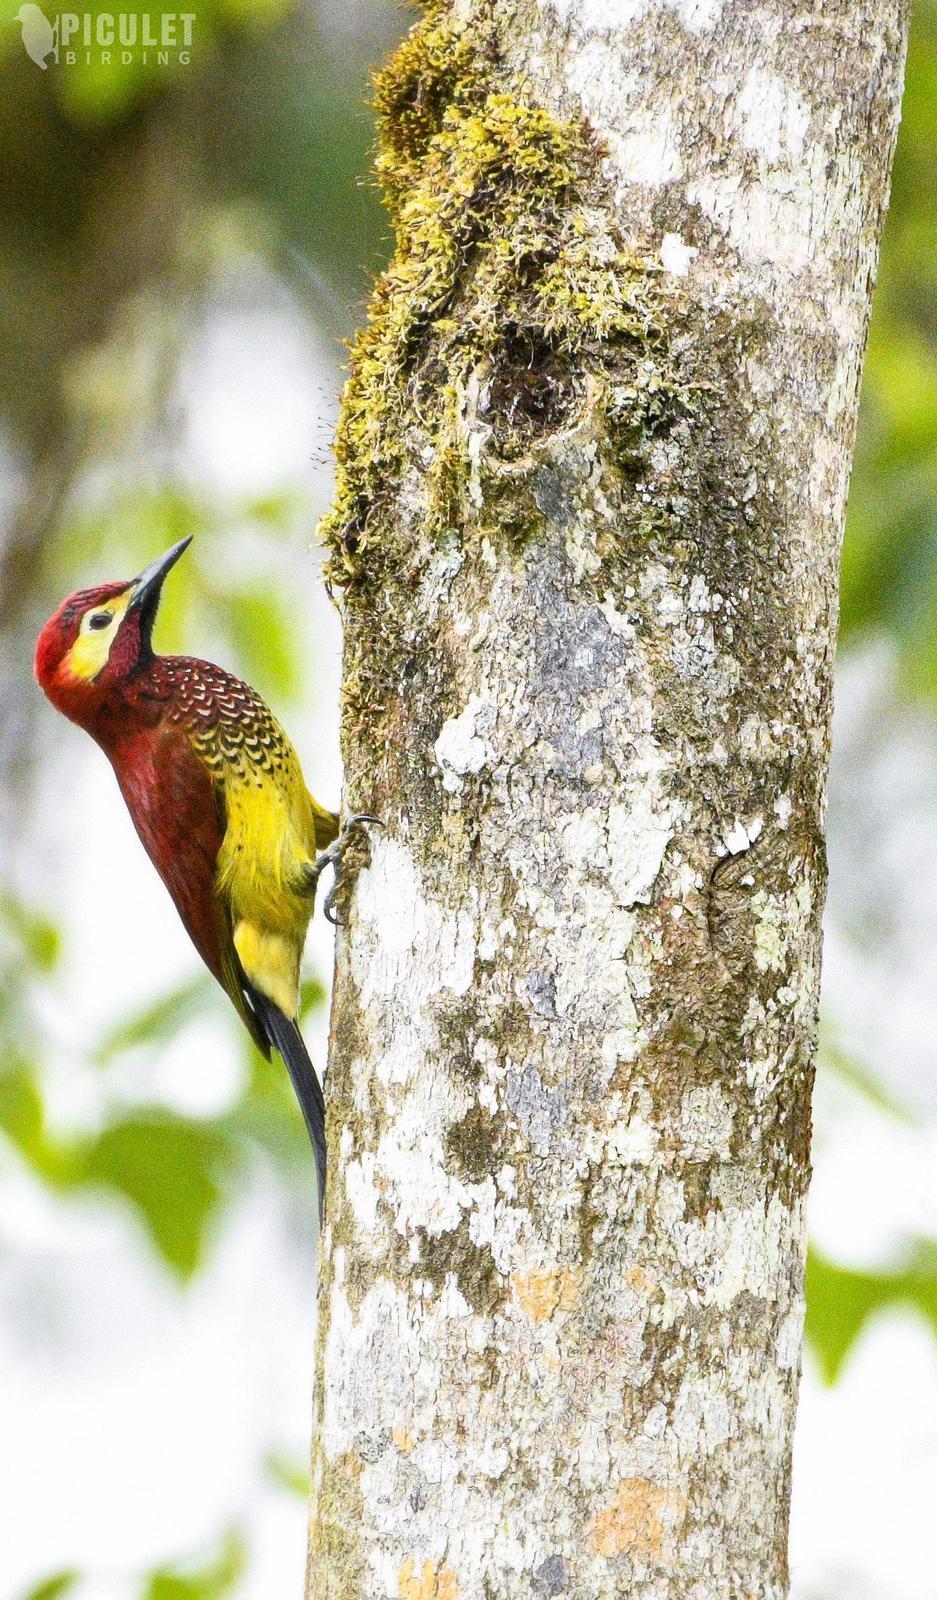 Crimson-mantled Woodpecker Photo by Julio Delgado